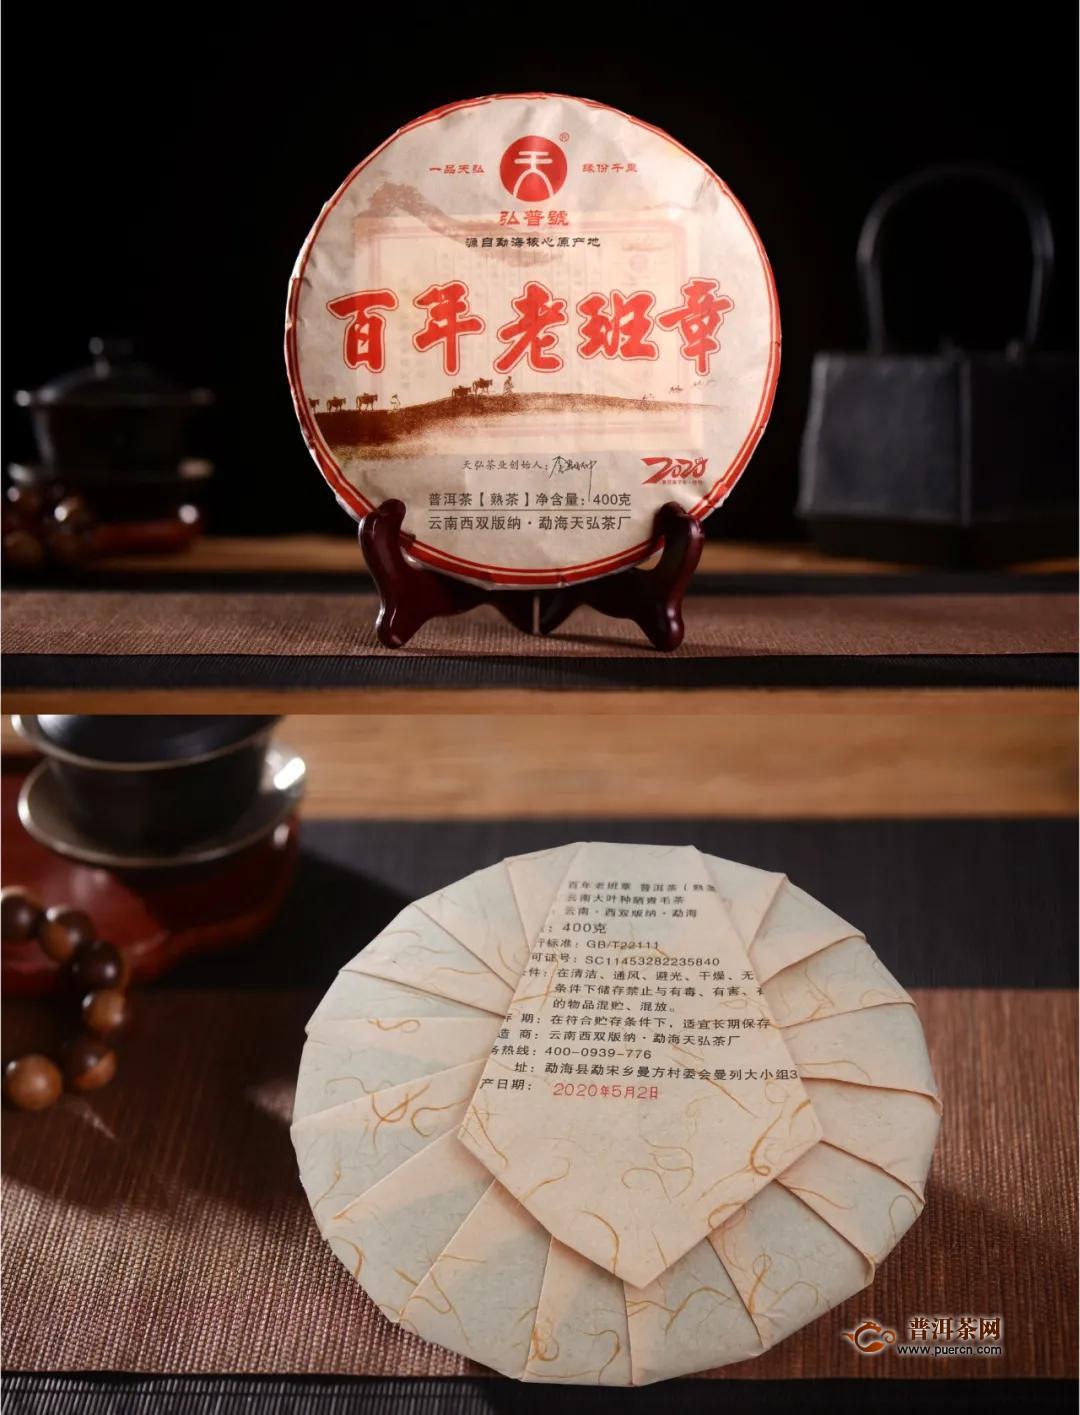 天弘茶业百年老班章(熟)隆重上市